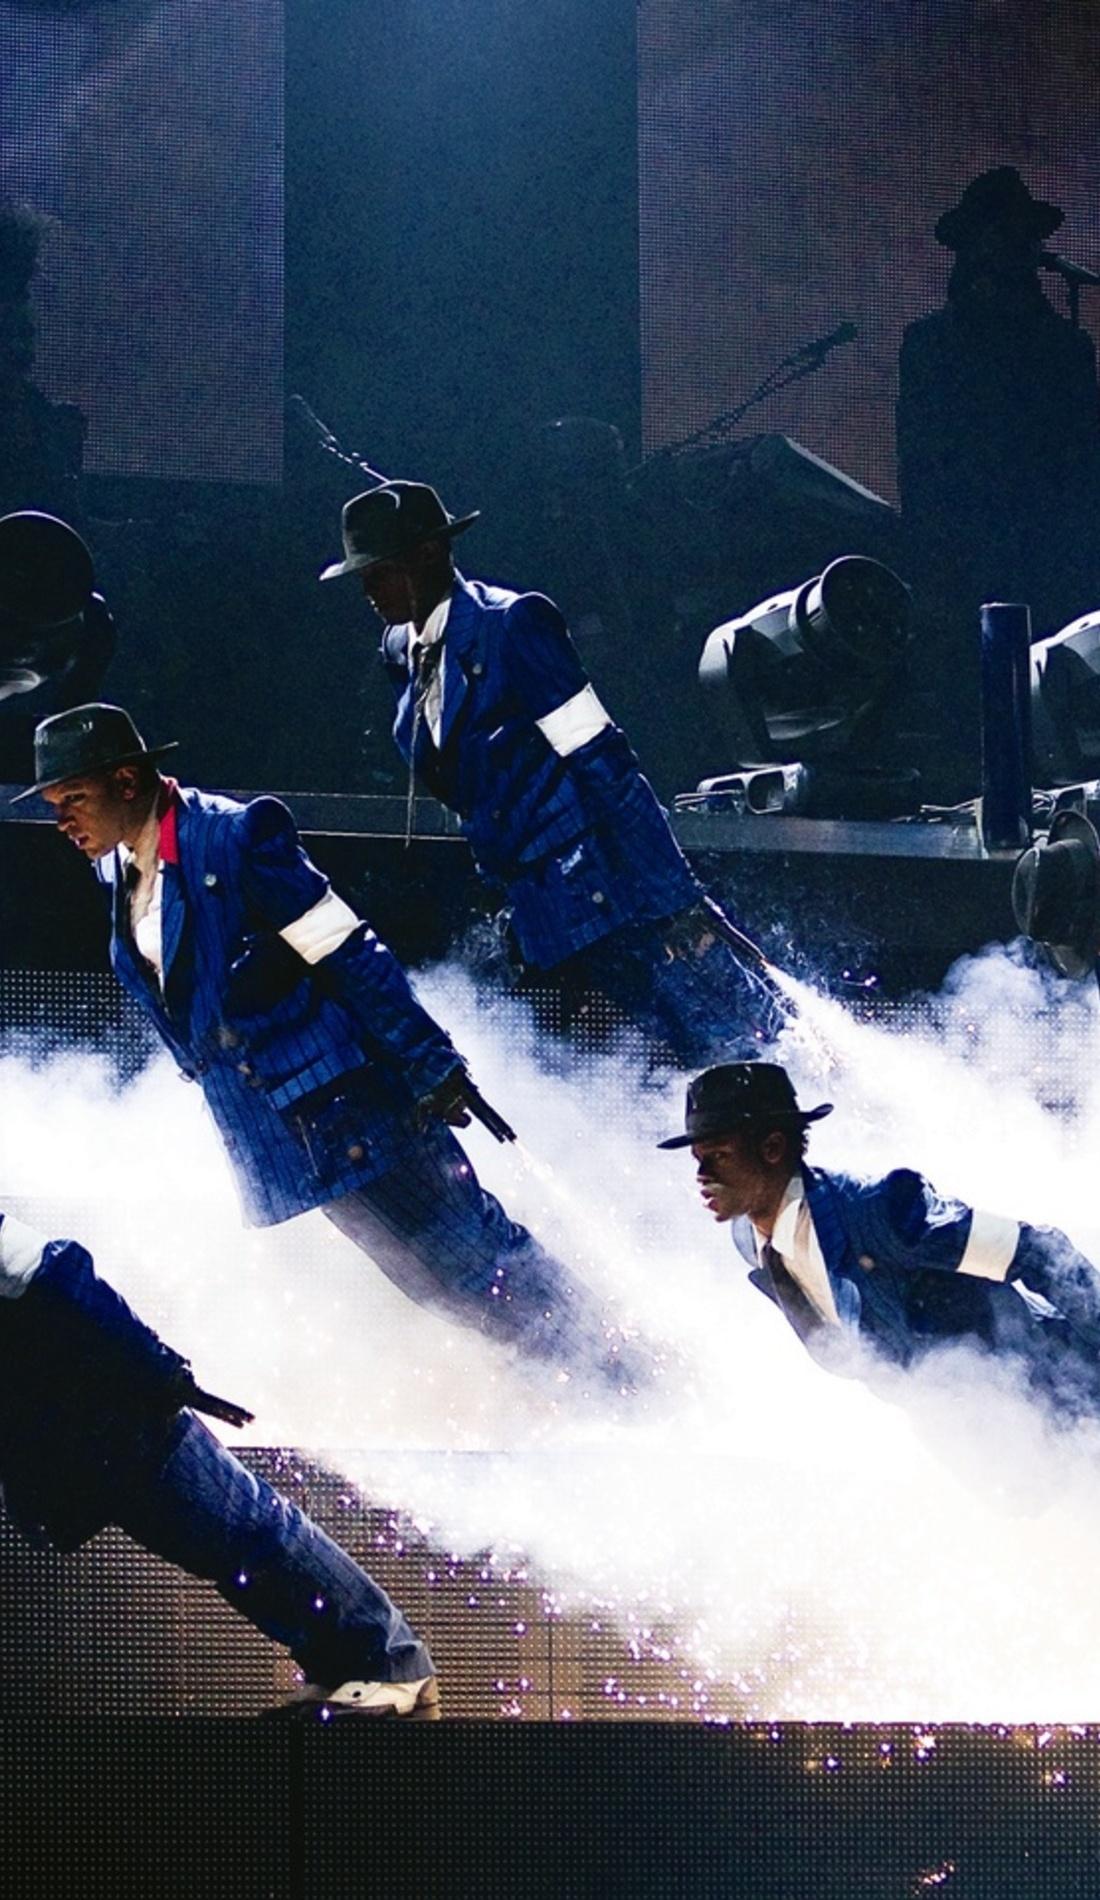 A Cirque du Soleil: Michael Jackson ONE live event